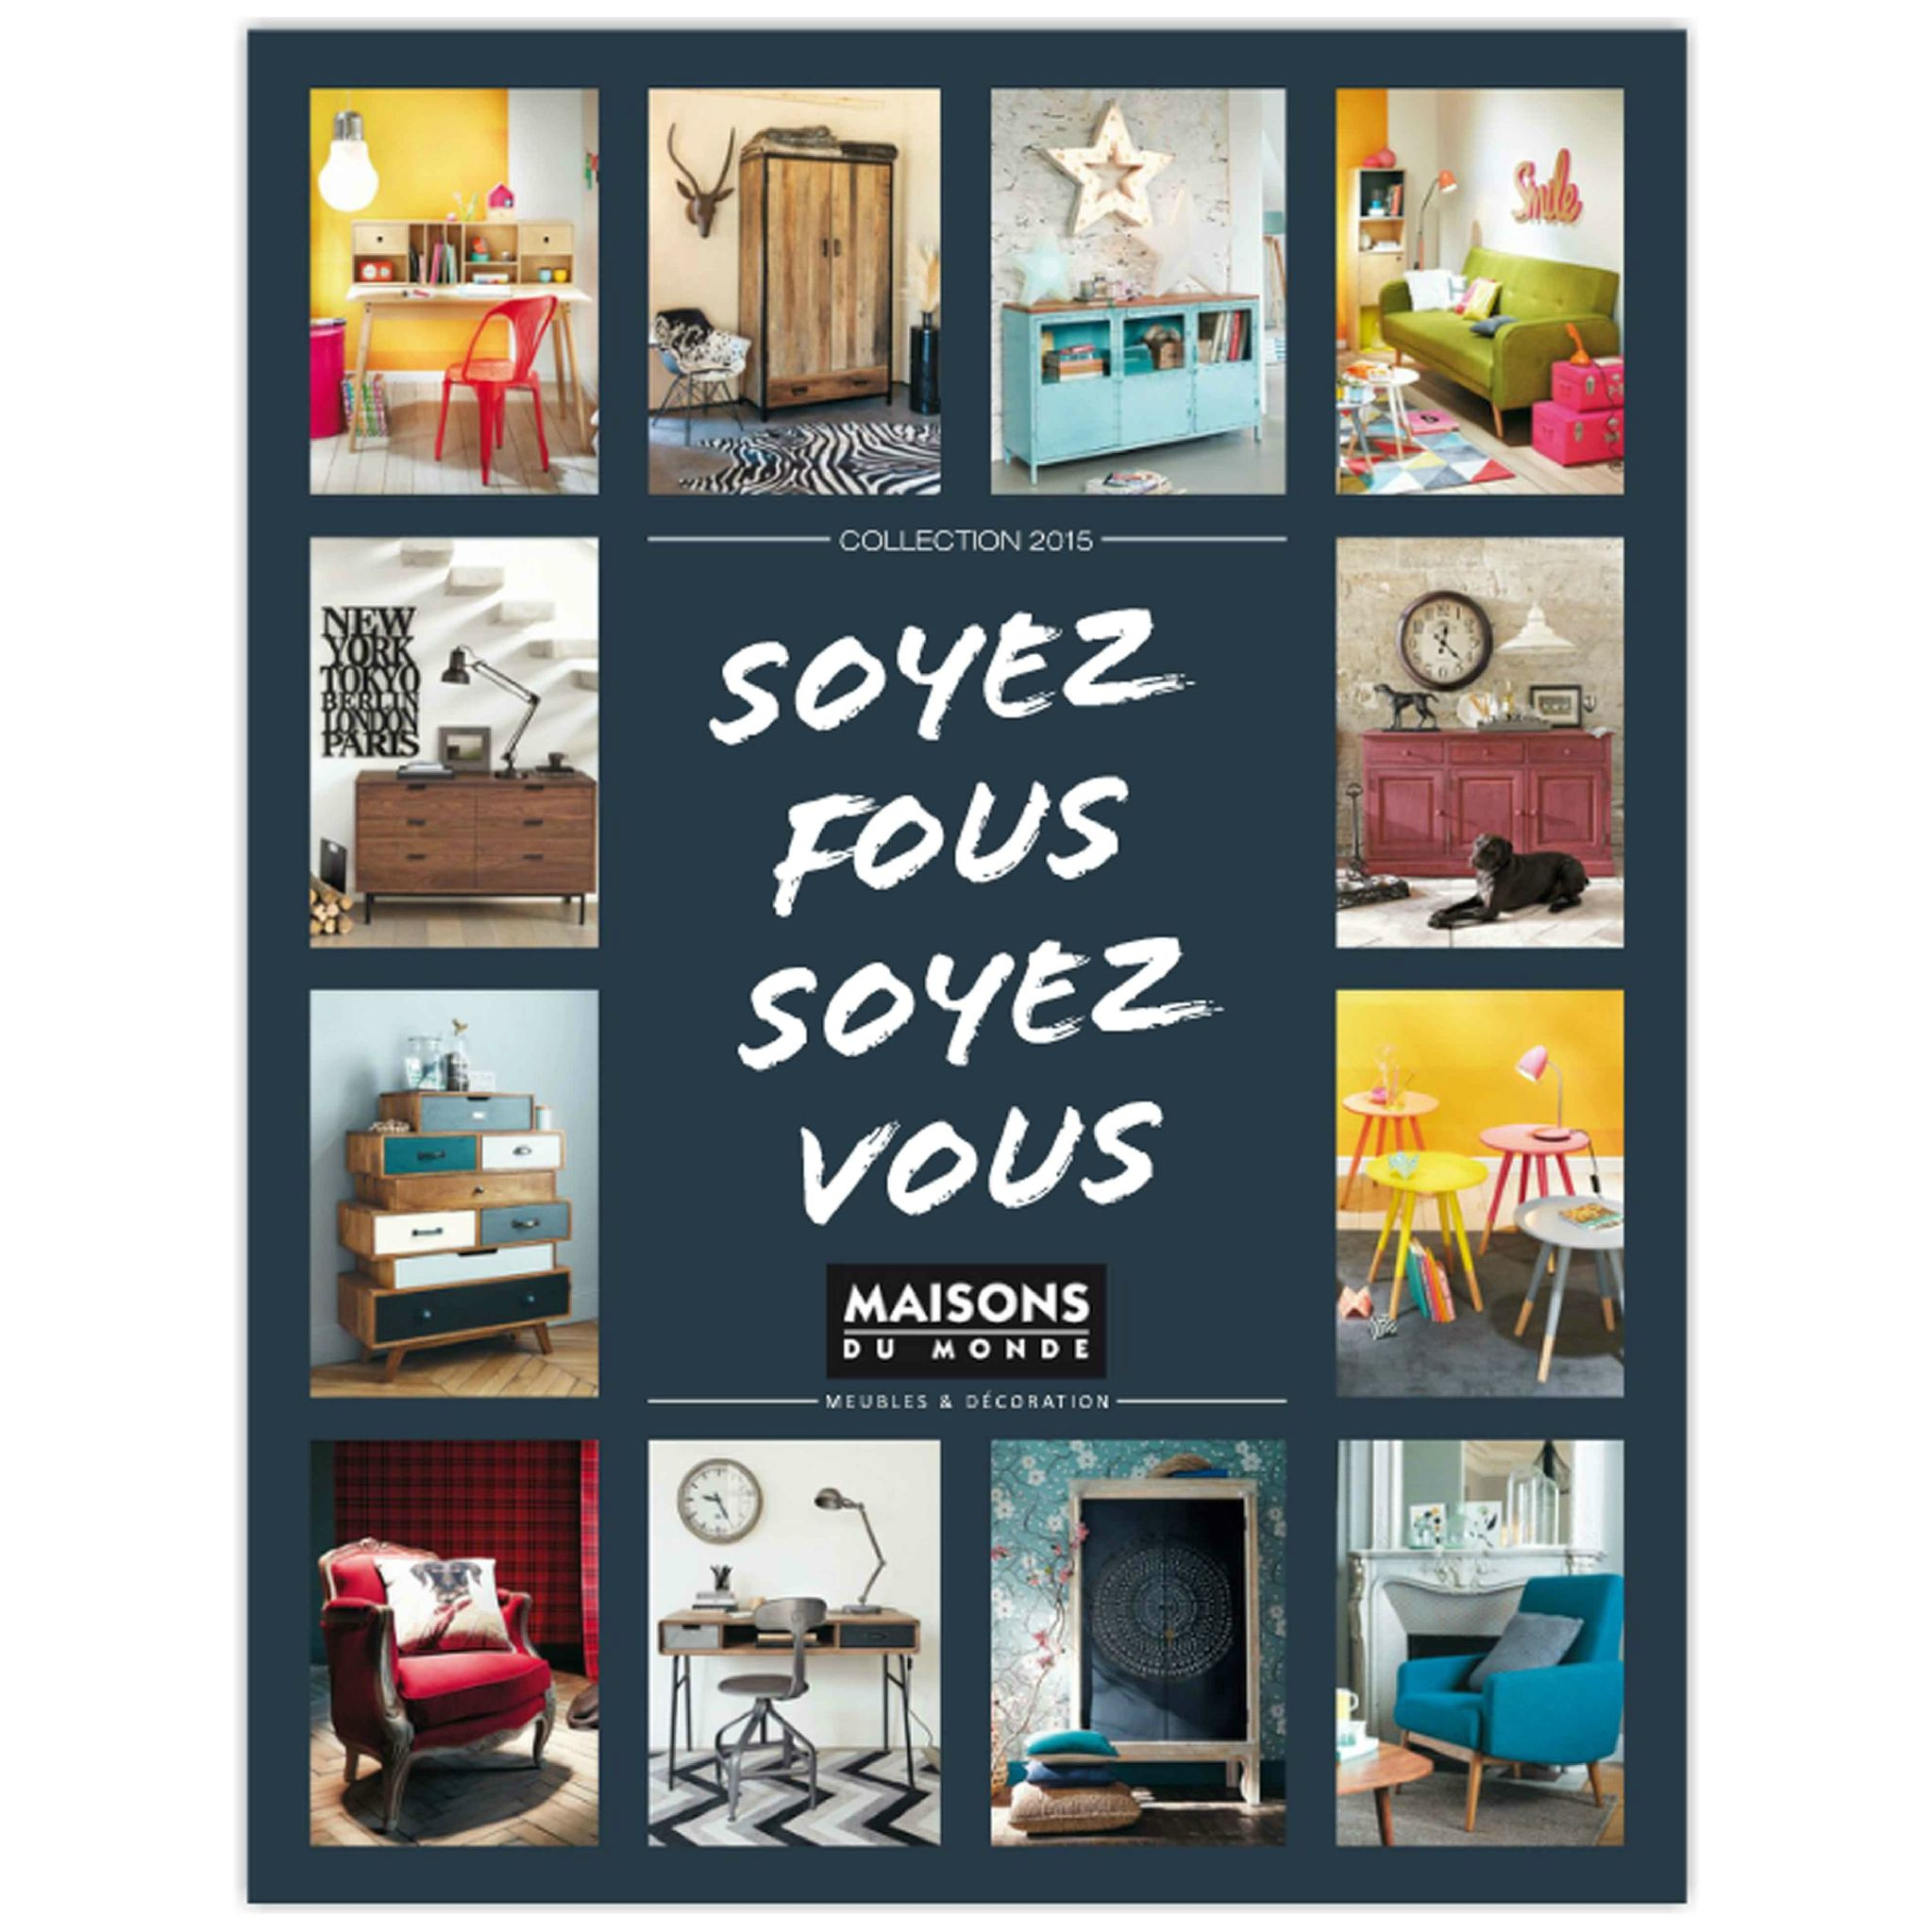 nouveau catalogue maison du monde ventana blog. Black Bedroom Furniture Sets. Home Design Ideas